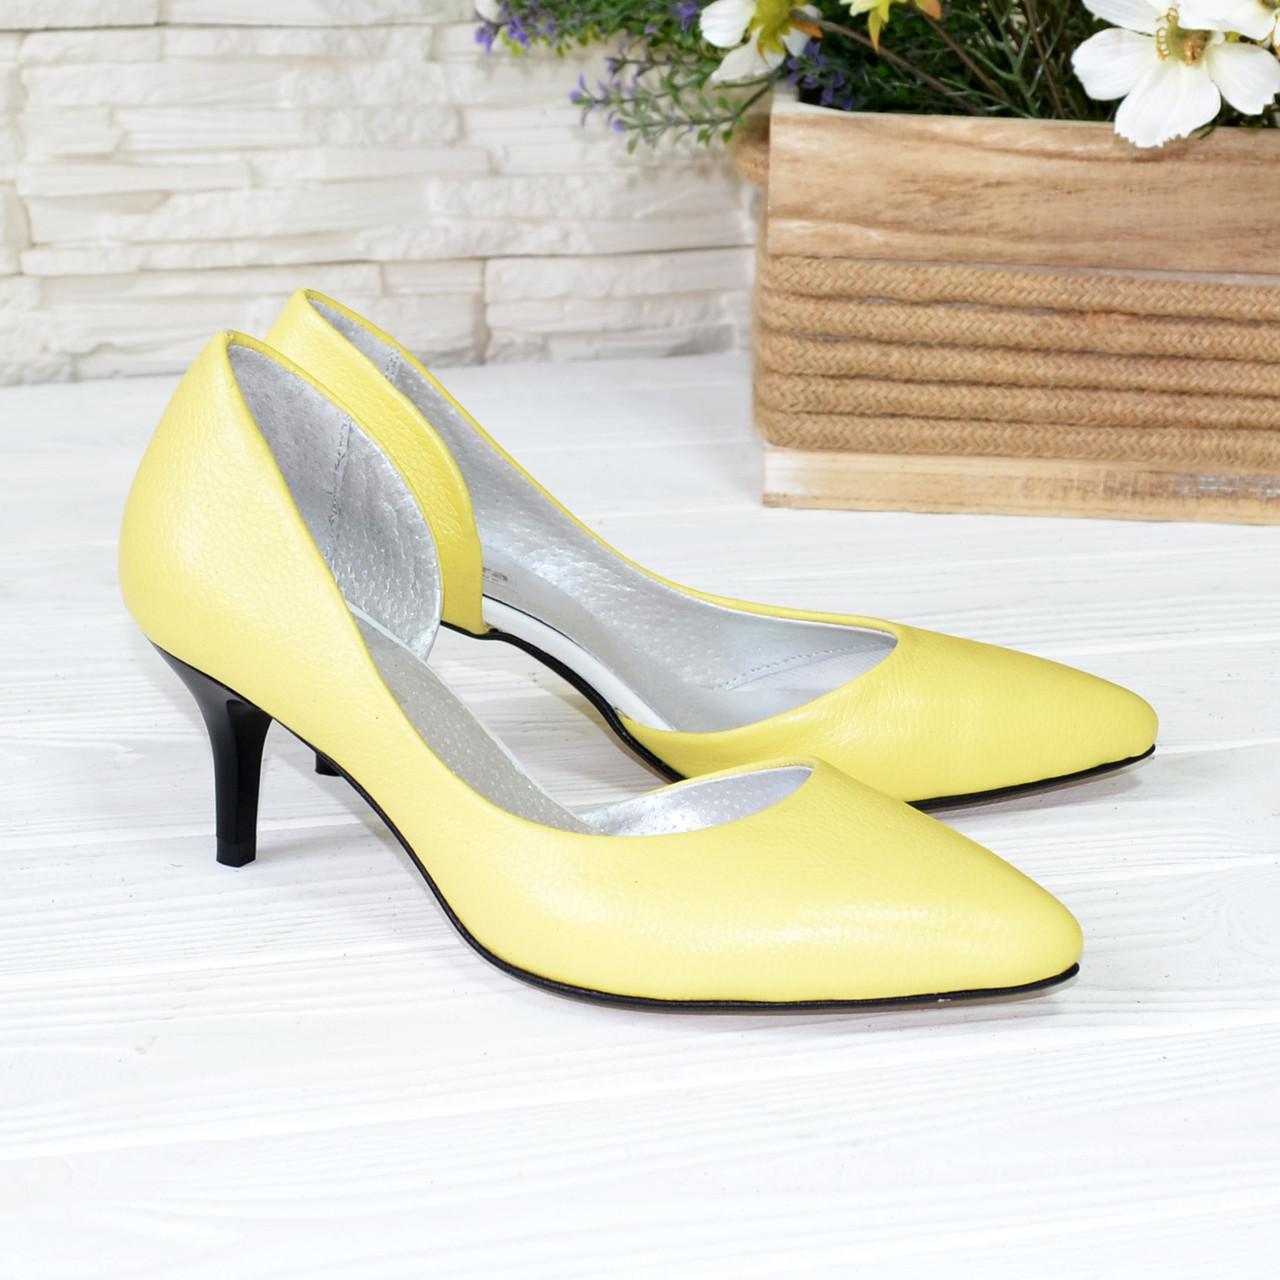 Туфли женские на невысокой шпильке, натуральная кожа флотар желтого цвета